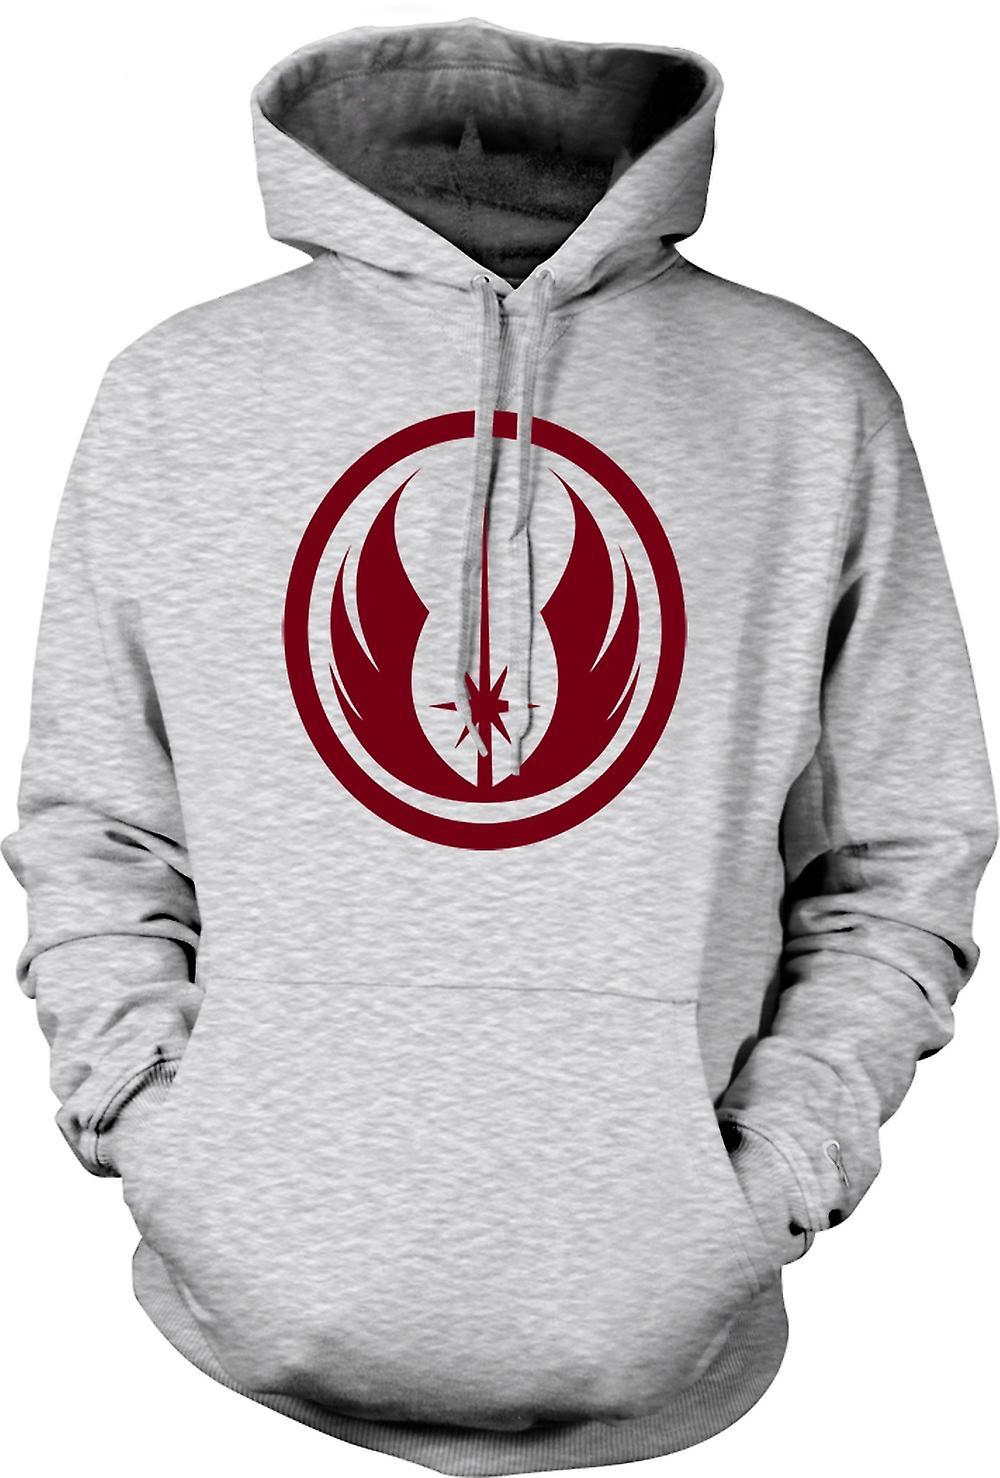 Mens Hoodie - Jedi Order - Star Wars